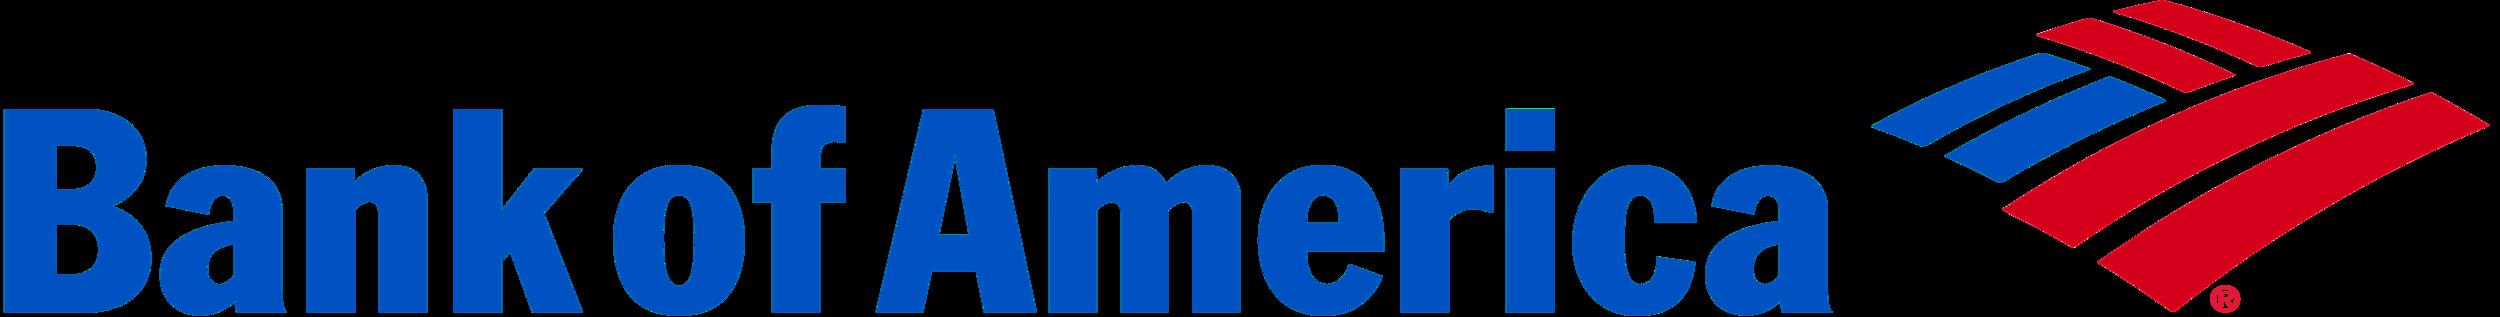 Bank_of_America_logo_logotype_emblem.png